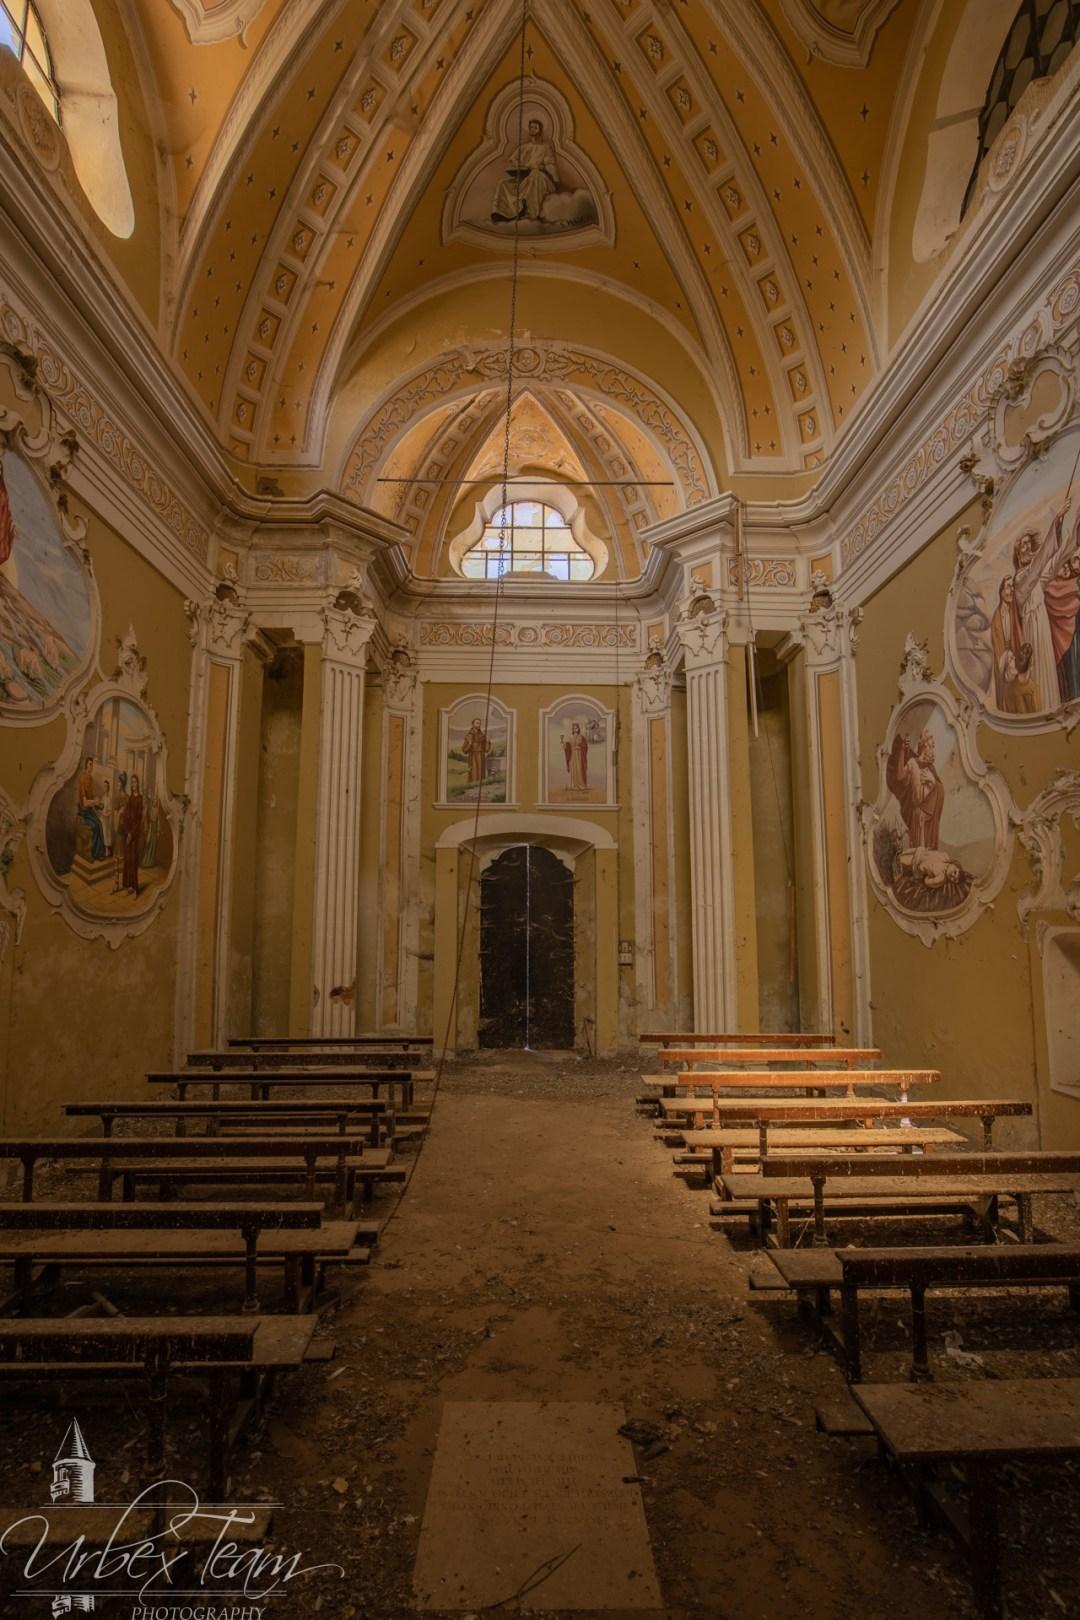 Chiesa de Giovanni 3